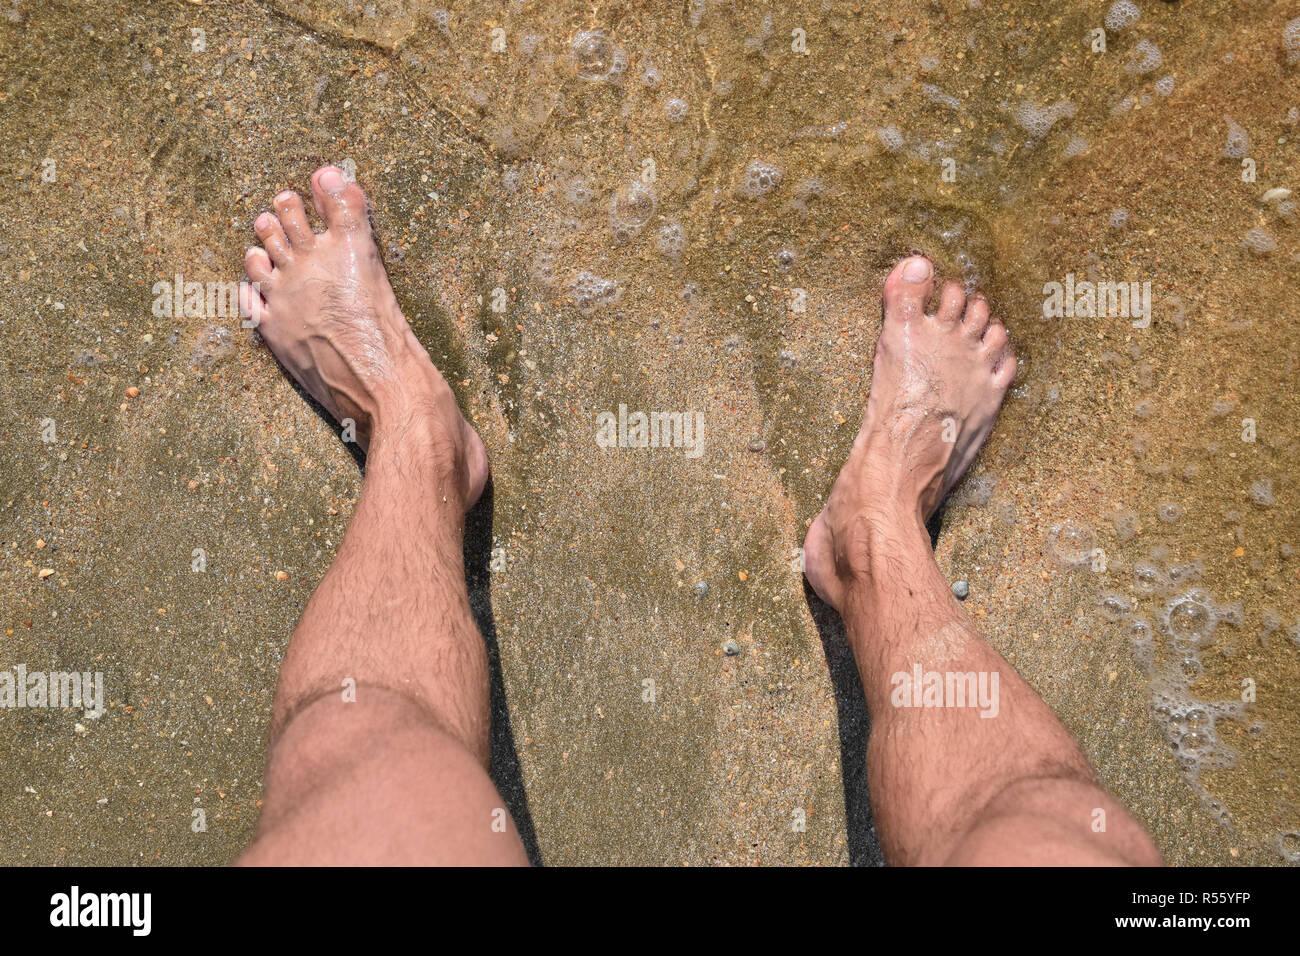 Touching Hairy men walking beach congratulate, what